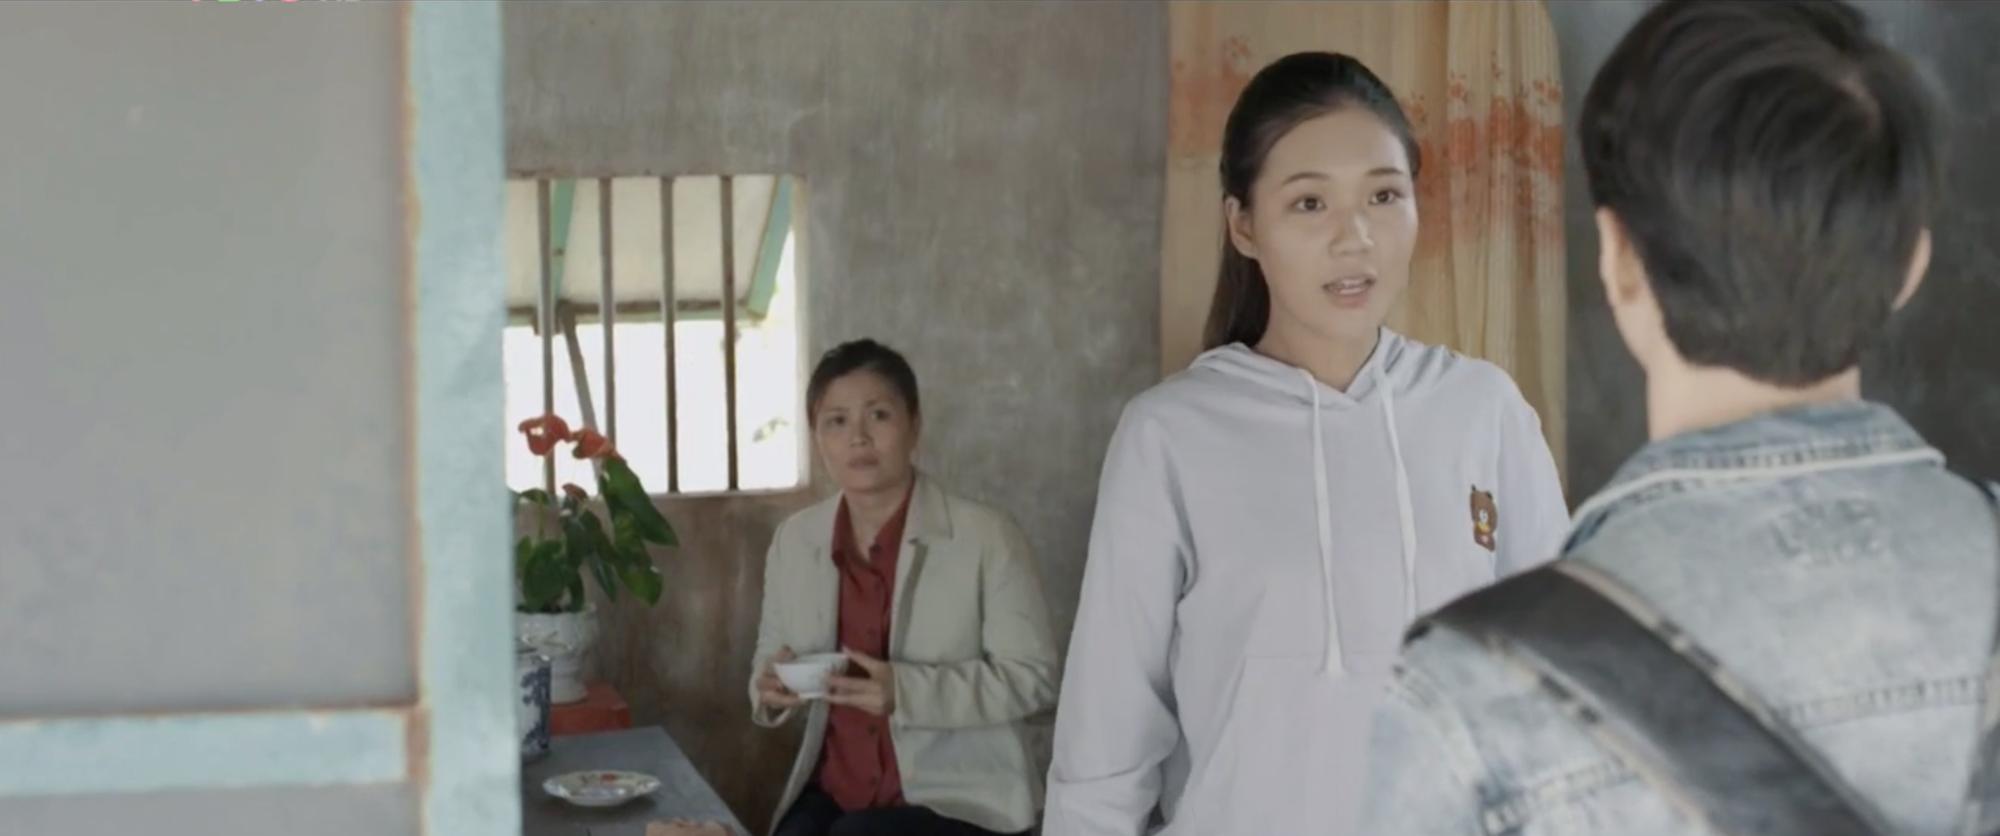 Lưu Đê Ly đối diện với nỗi ám ảnh cuộc đời, Huỳnh Anh nhanh chóng ra tay trong Chạy Trốn Thanh Xuân - Ảnh 11.